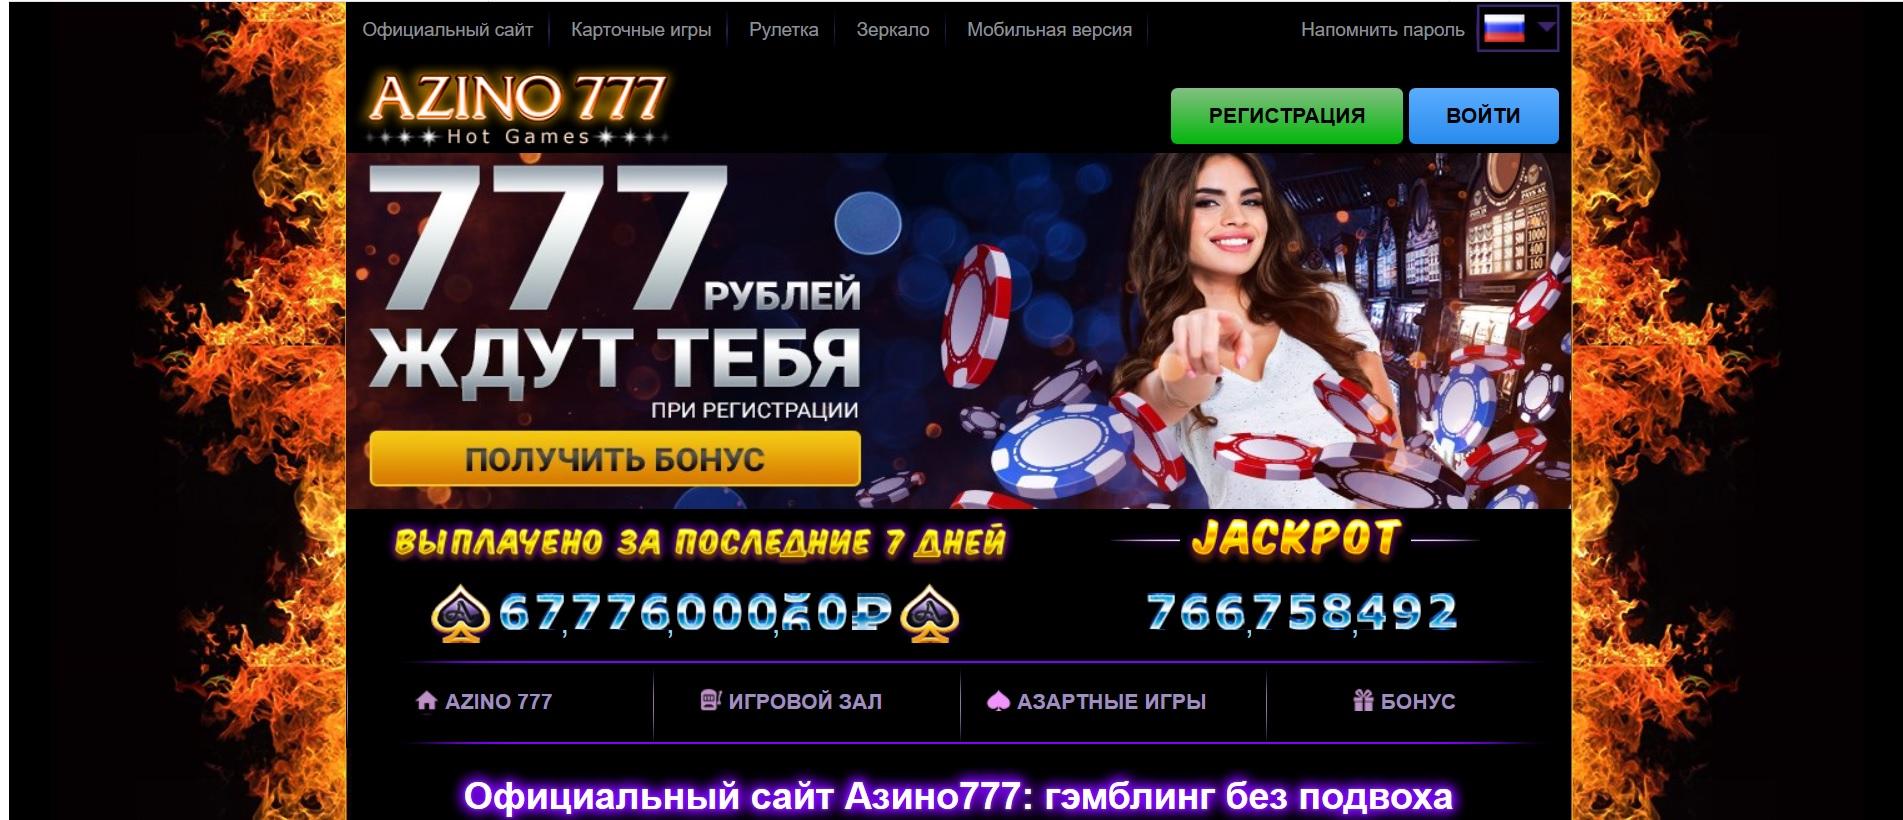 официальный сайт azino777 не работает